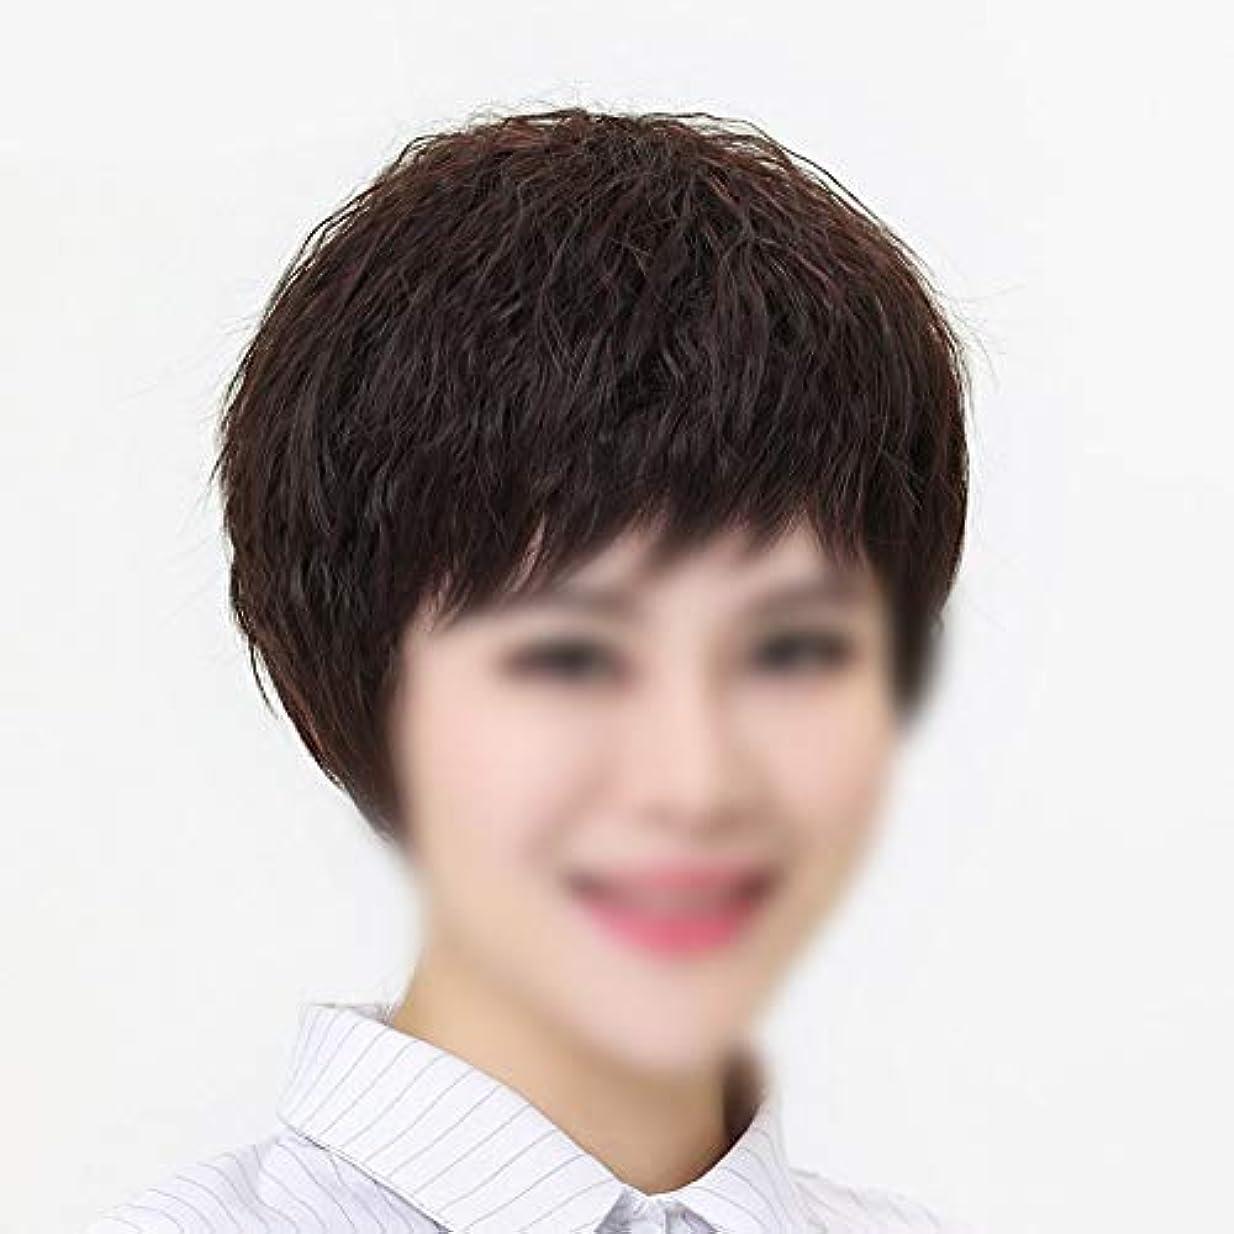 ヒール遺体安置所民主党YOUQIU 女性のかつらのためにボブショートストレートヘアナチュラルヘアエクステンションリアルタイム毛ウィッグ (色 : Dark brown, サイズ : Mechanism)